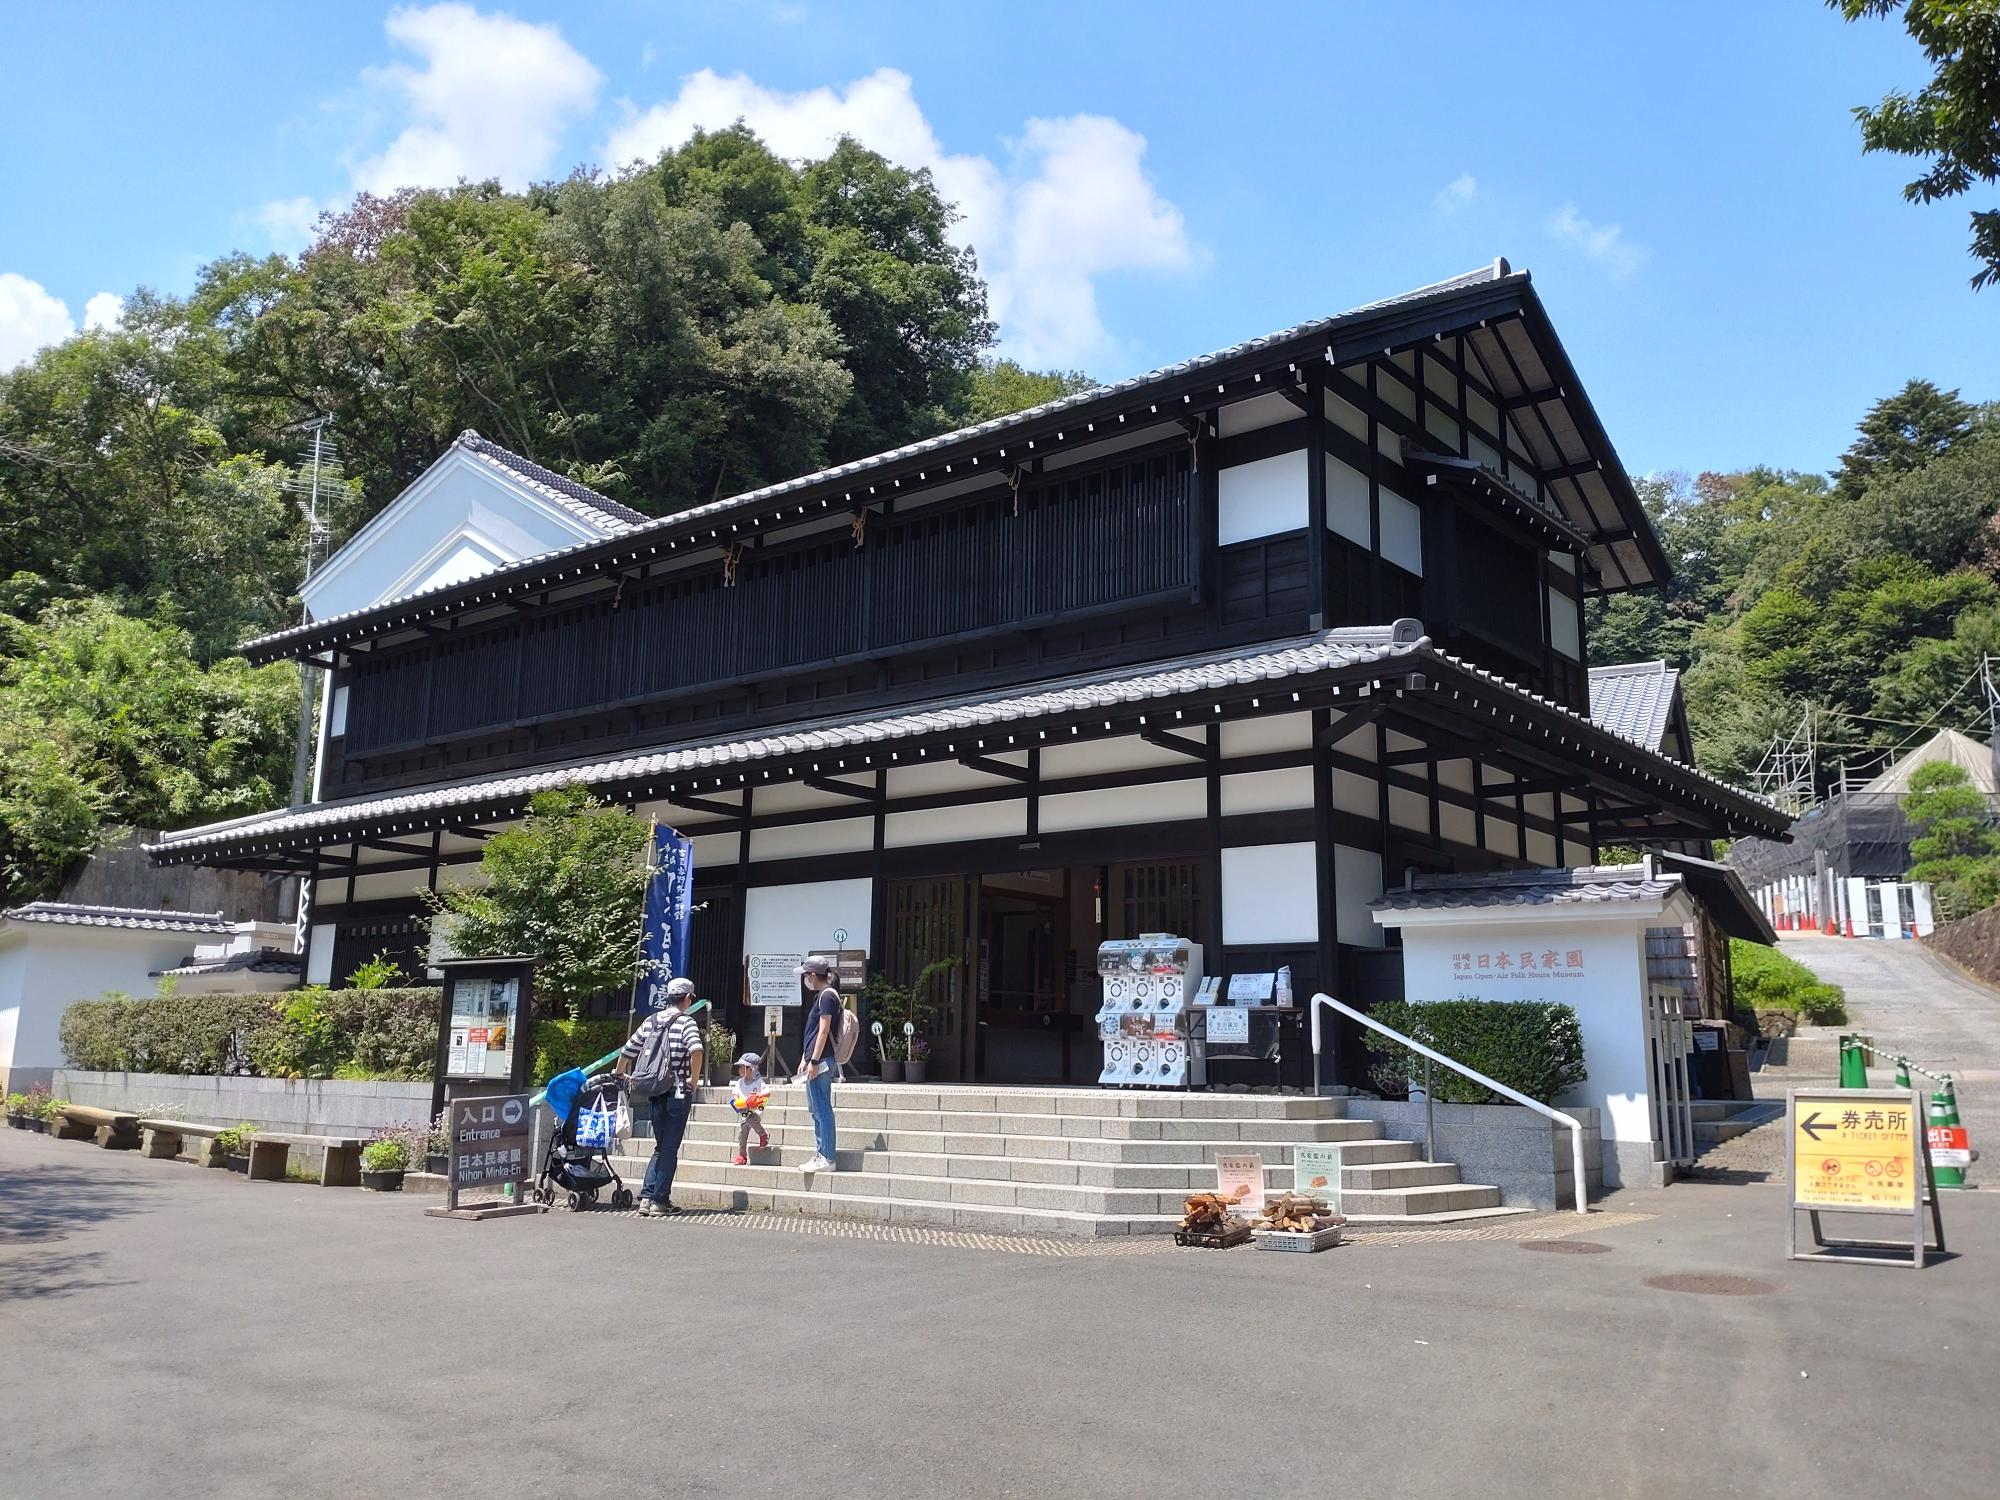 日本民家園の入口にクイズが設置されています